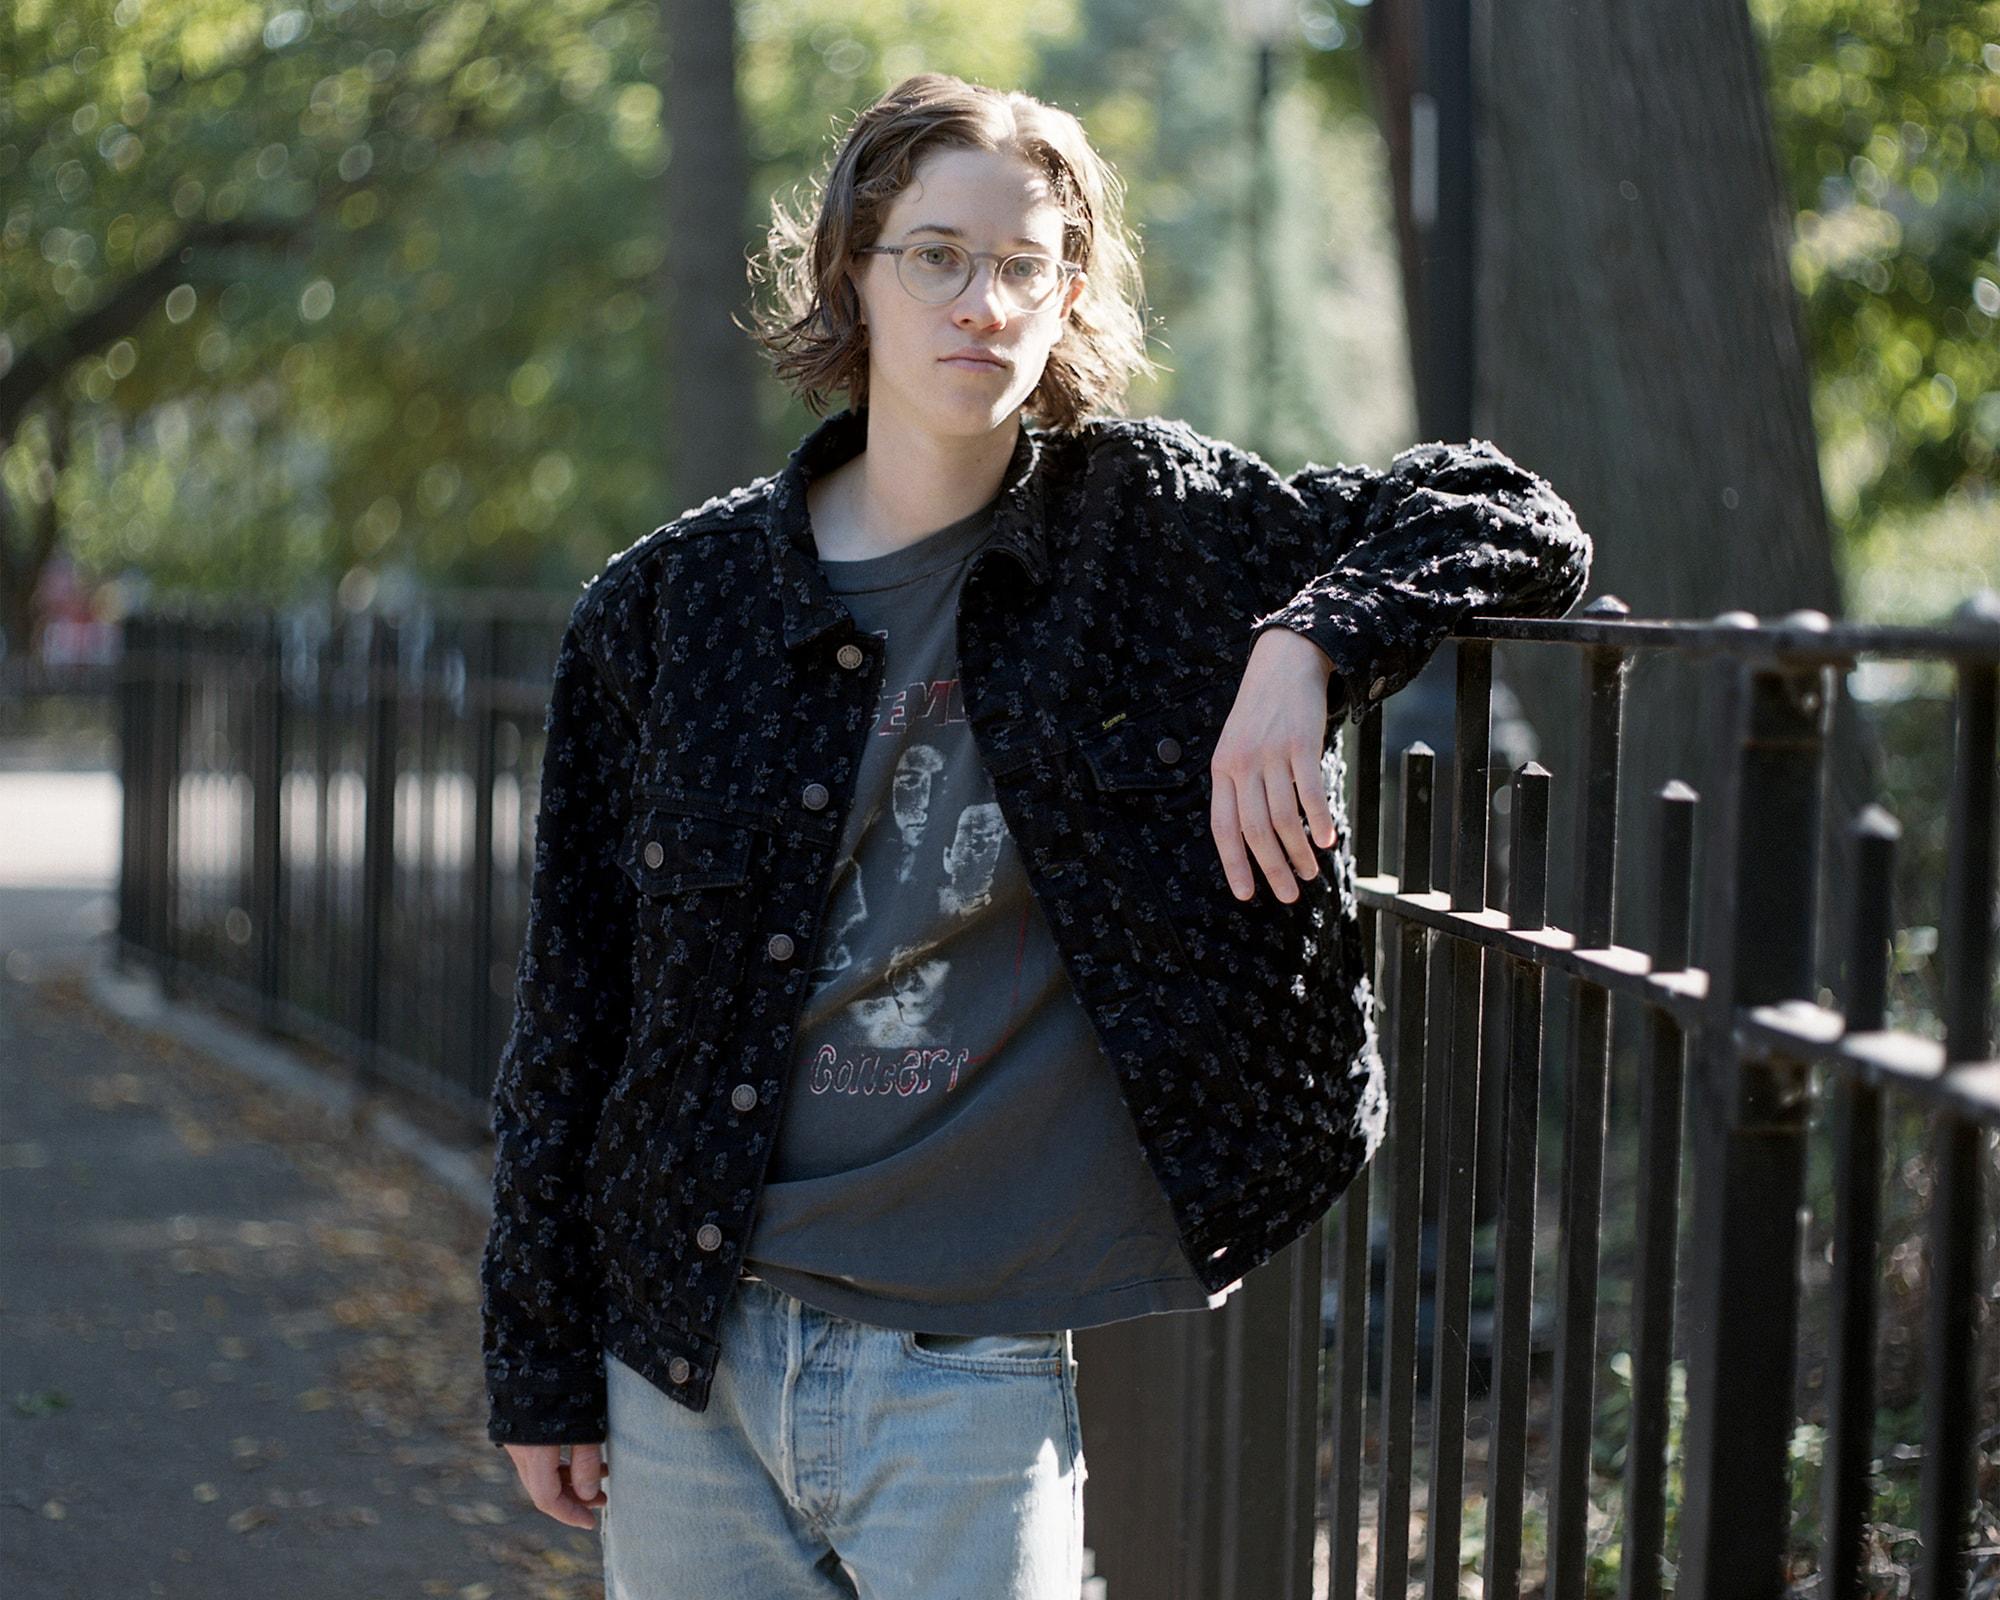 ニューヨークの若手写真家ファイル #06 グレース・アルホム | Photo: Daniel Rampulla